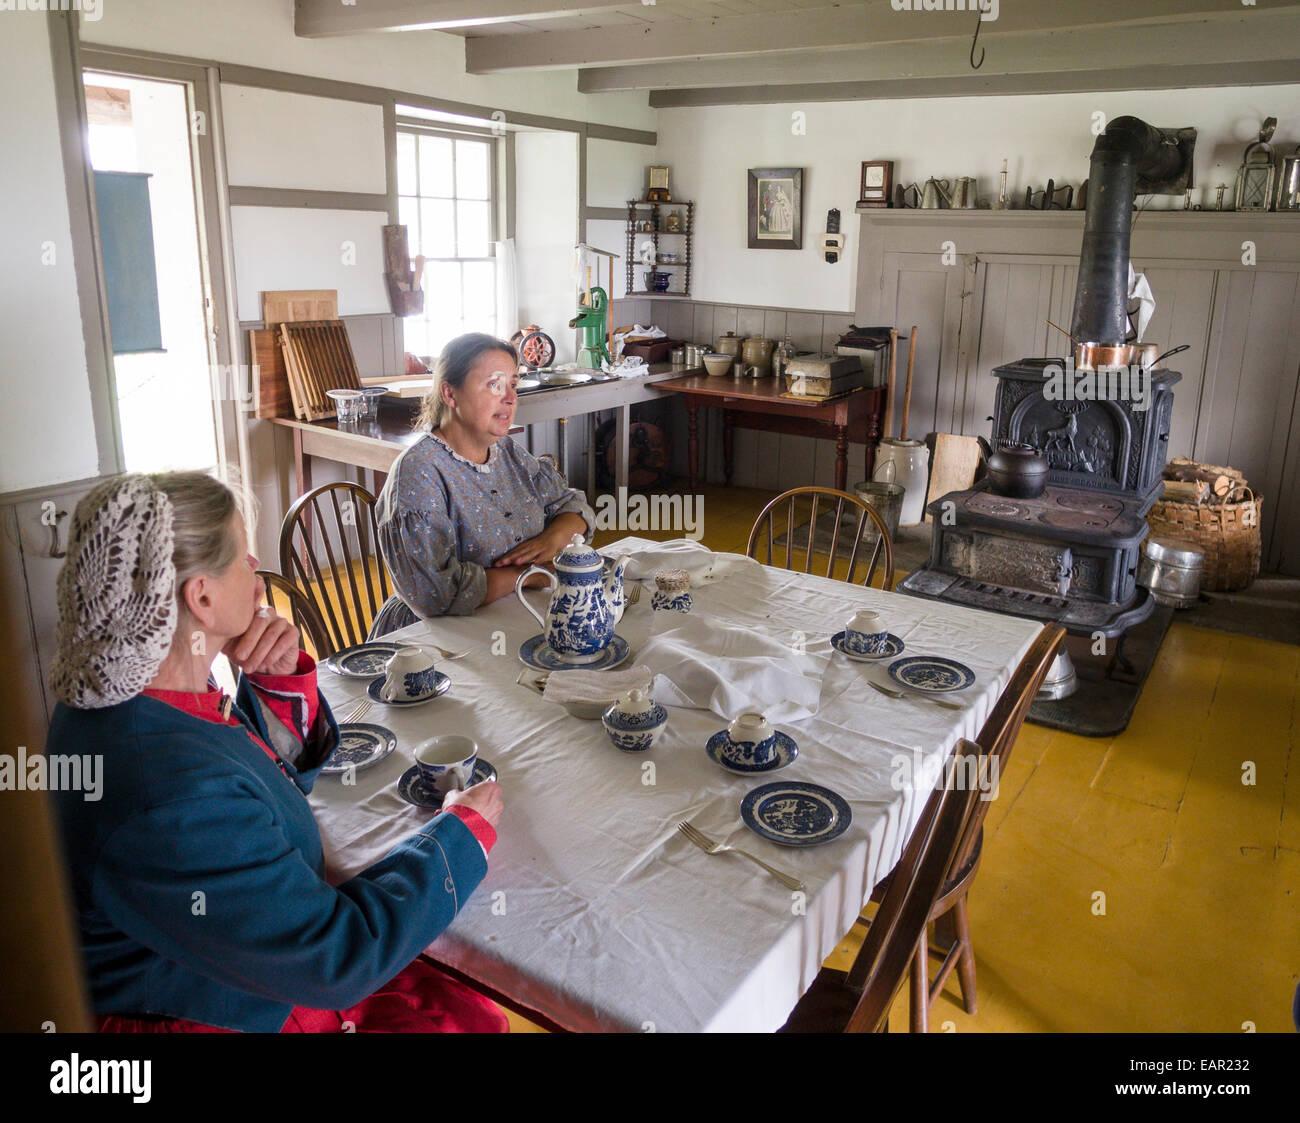 Trinken Tee in der Küche. Zwei Frauen trinken Tee am Küchentisch ...